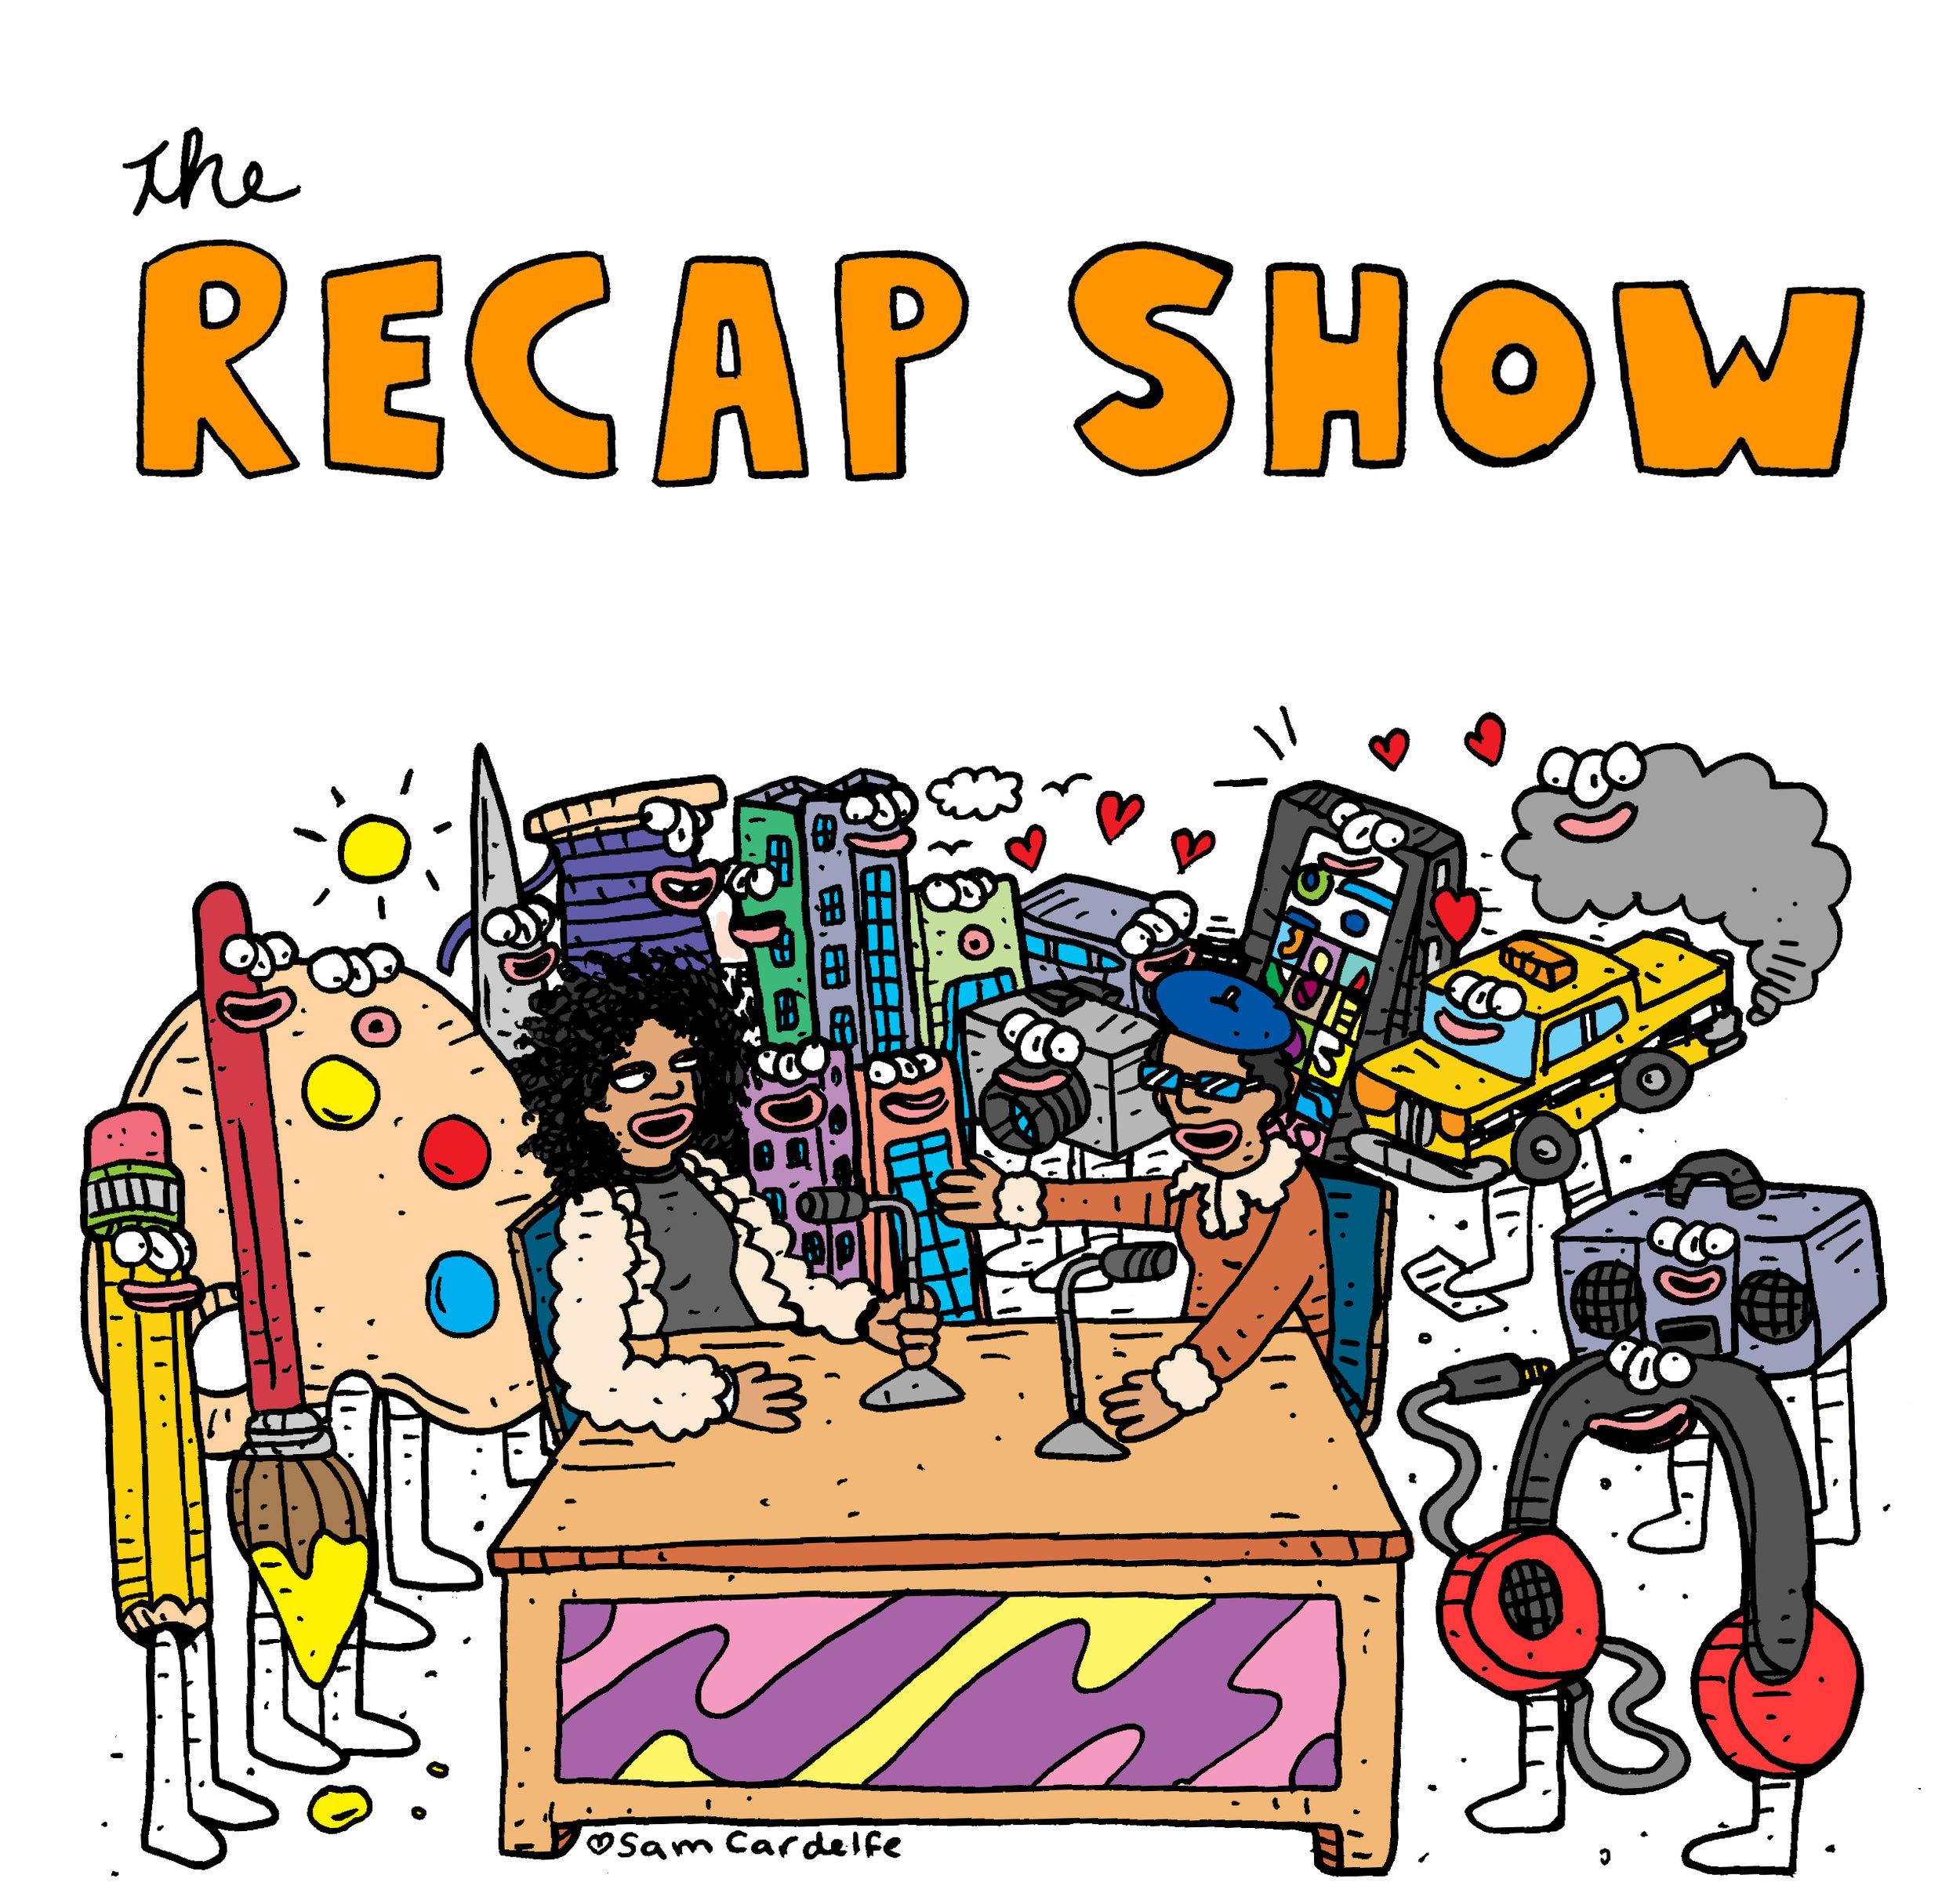 recapshow